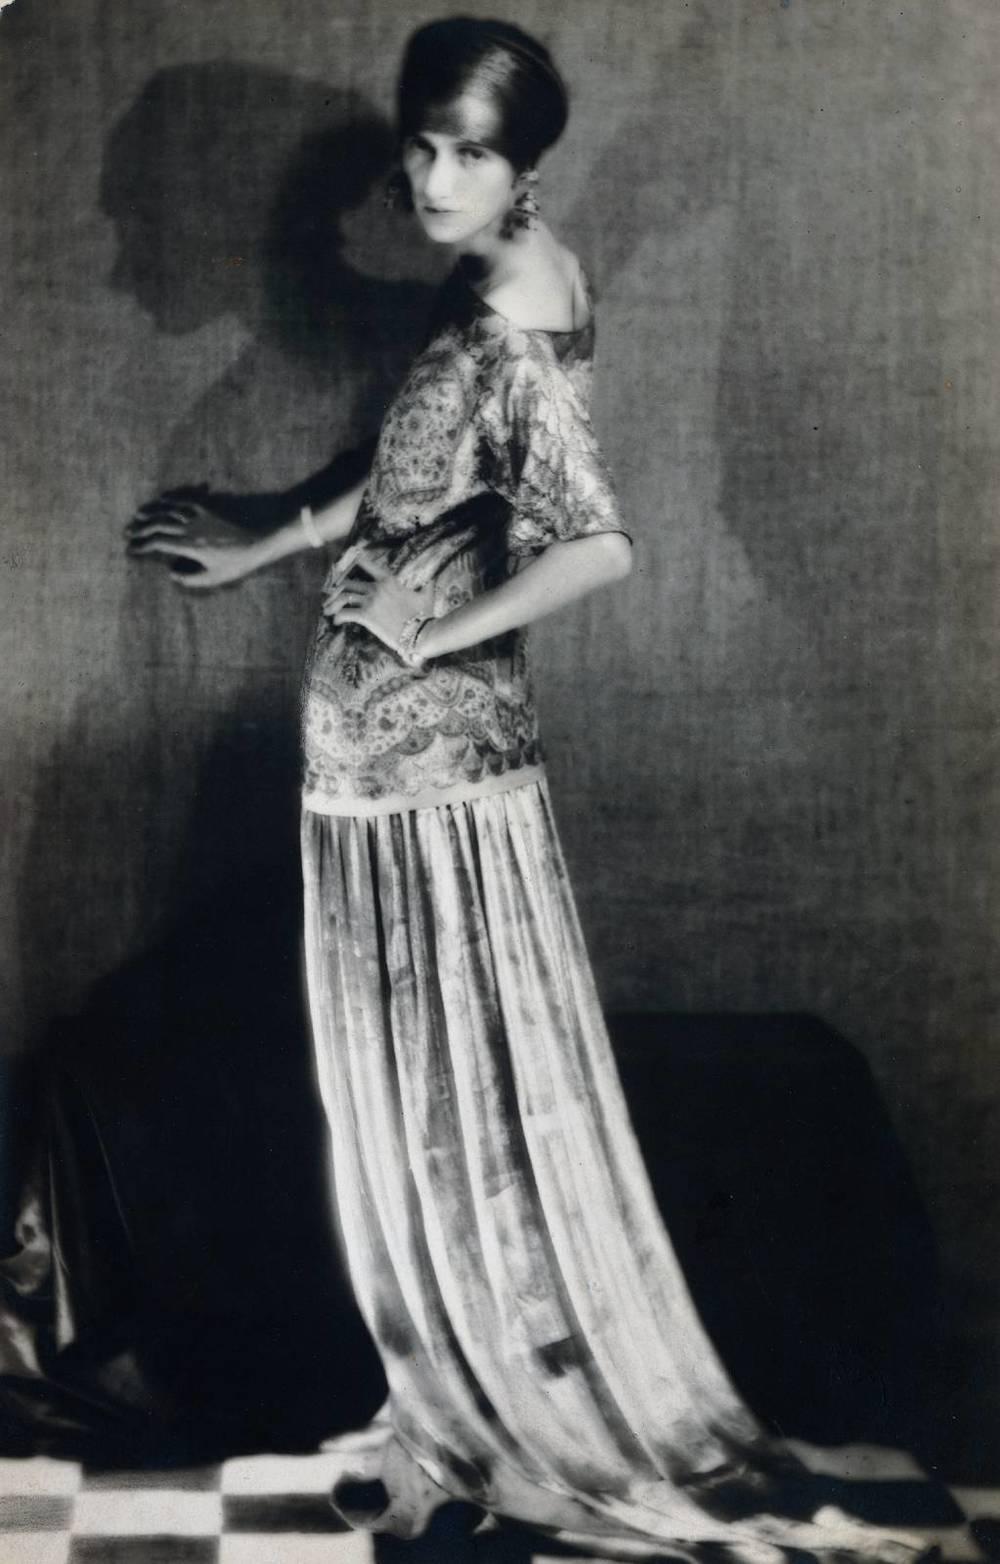 ManRay-Peggy-Guggenheim-1924.jpg